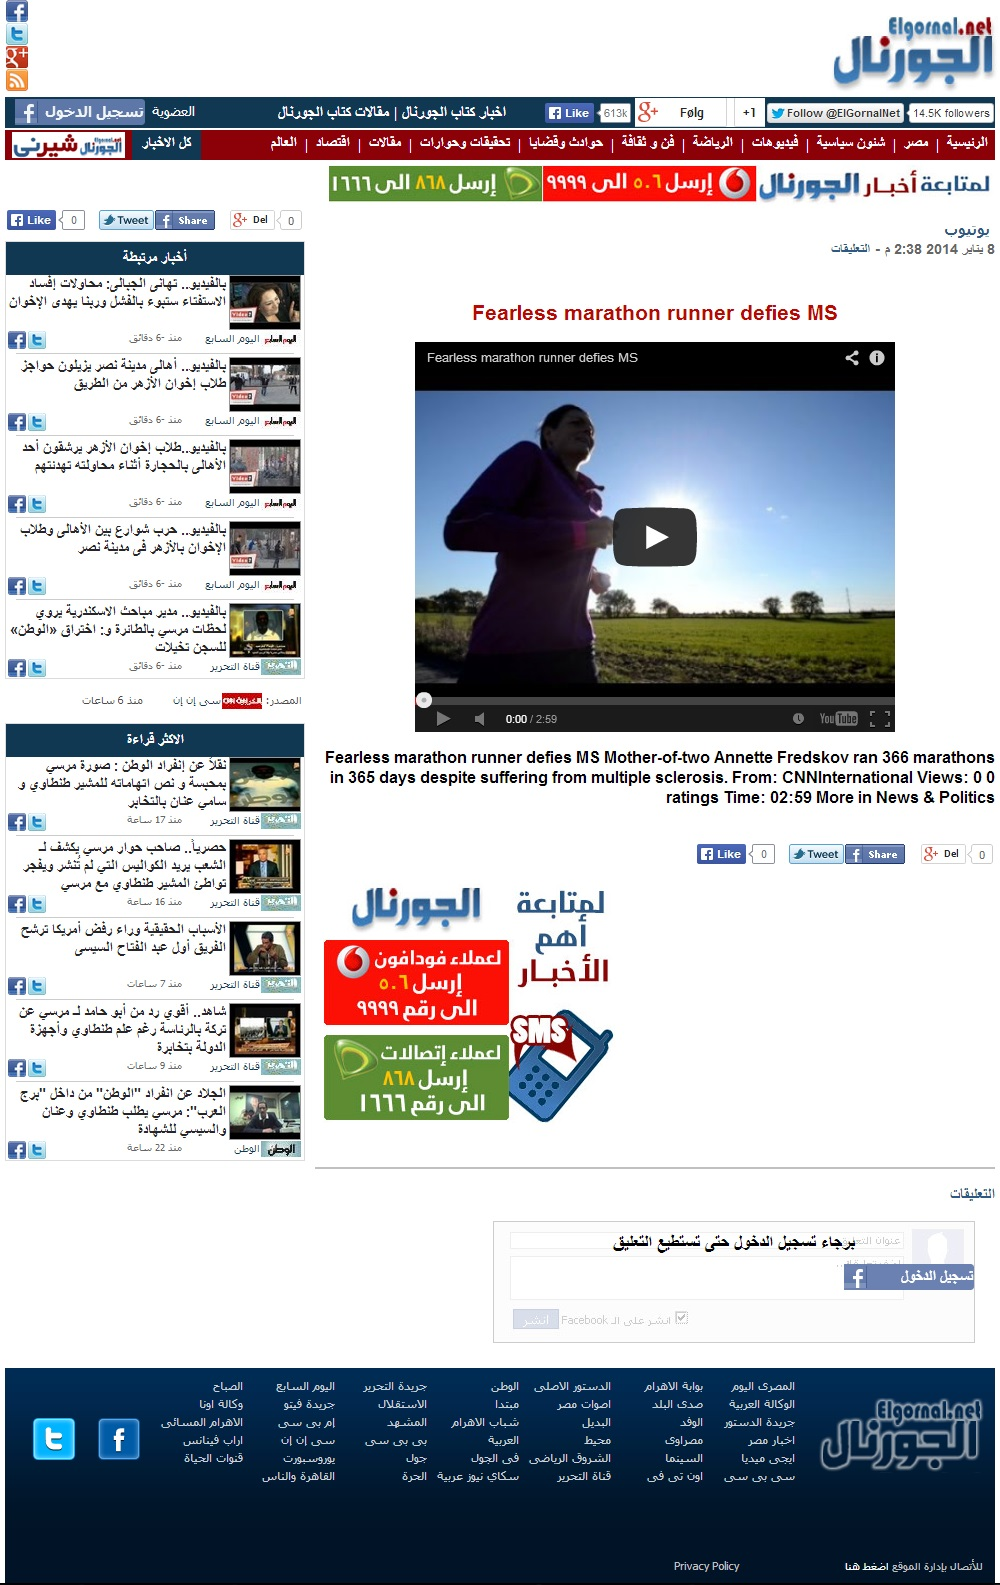 elgornal.net 2014.01.08